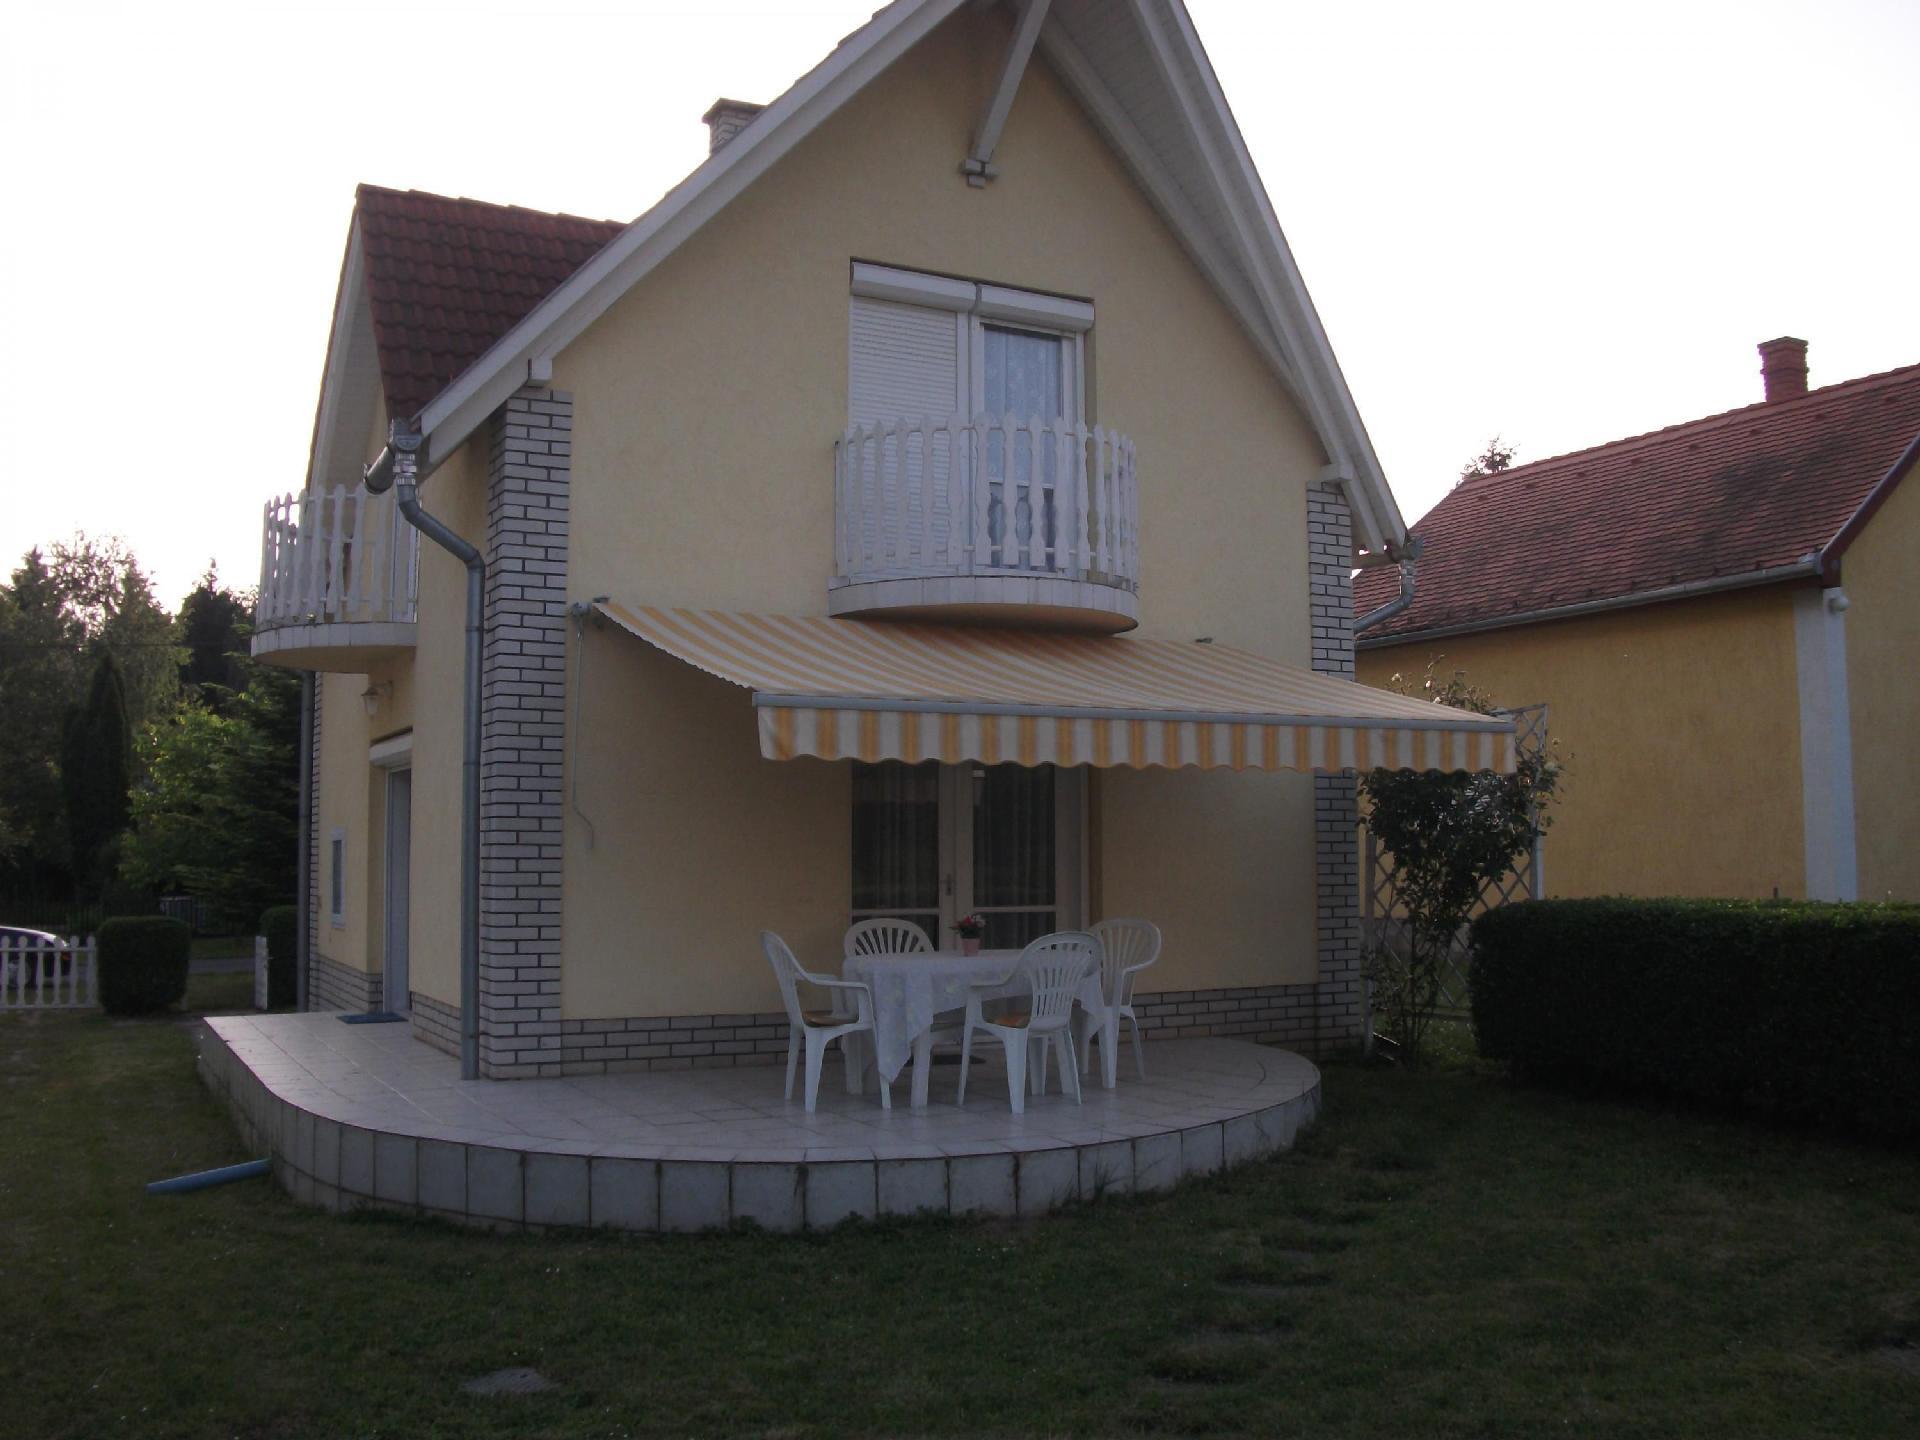 Ferienhaus für 5 Personen  + 1 Kind ca. 90 m&